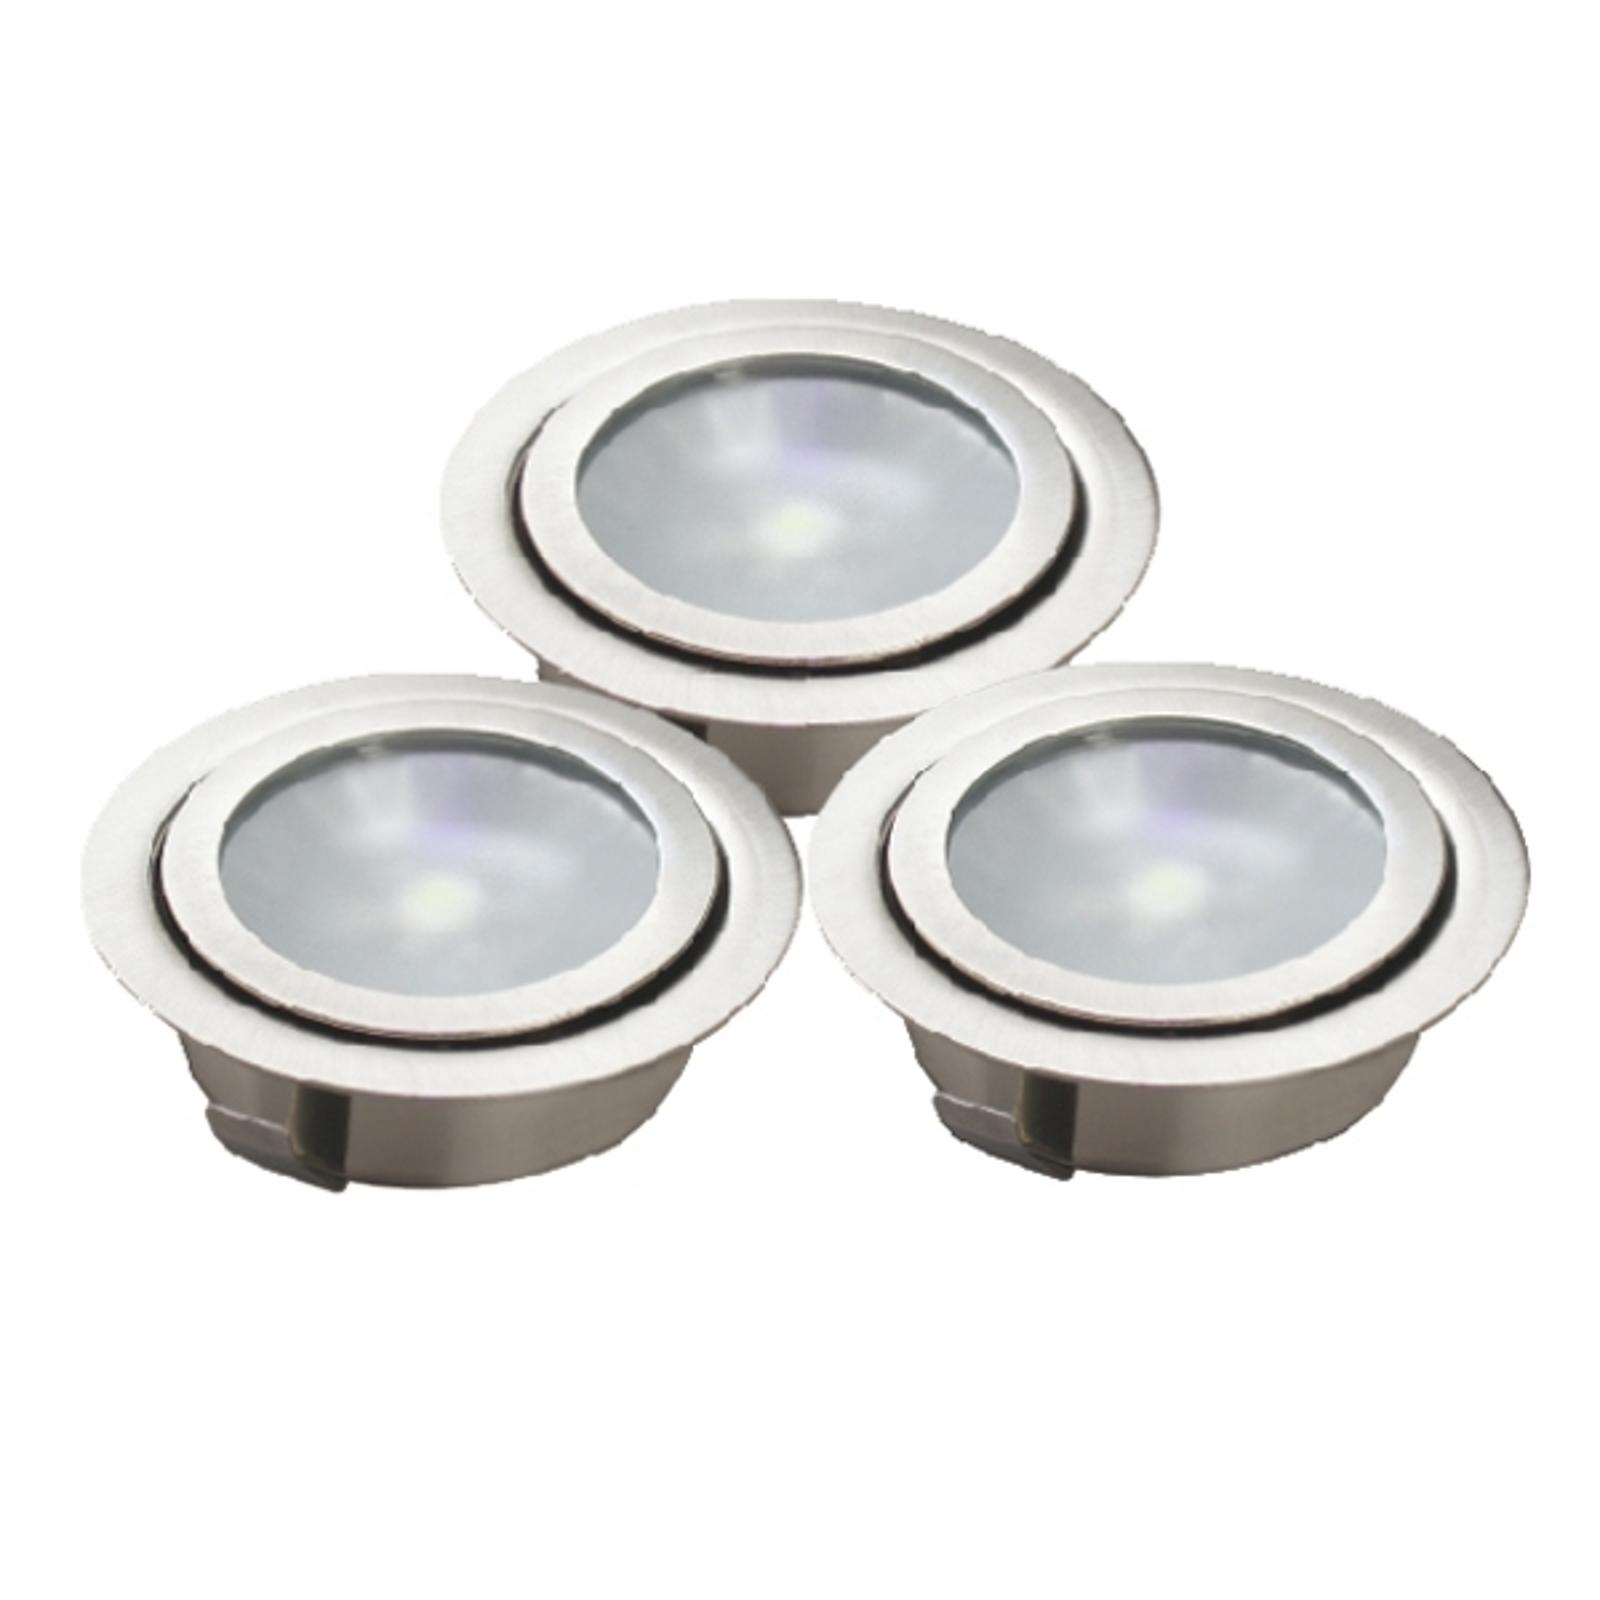 LUXA-LED-lattiauppovalaisin, 3-osainen sarja